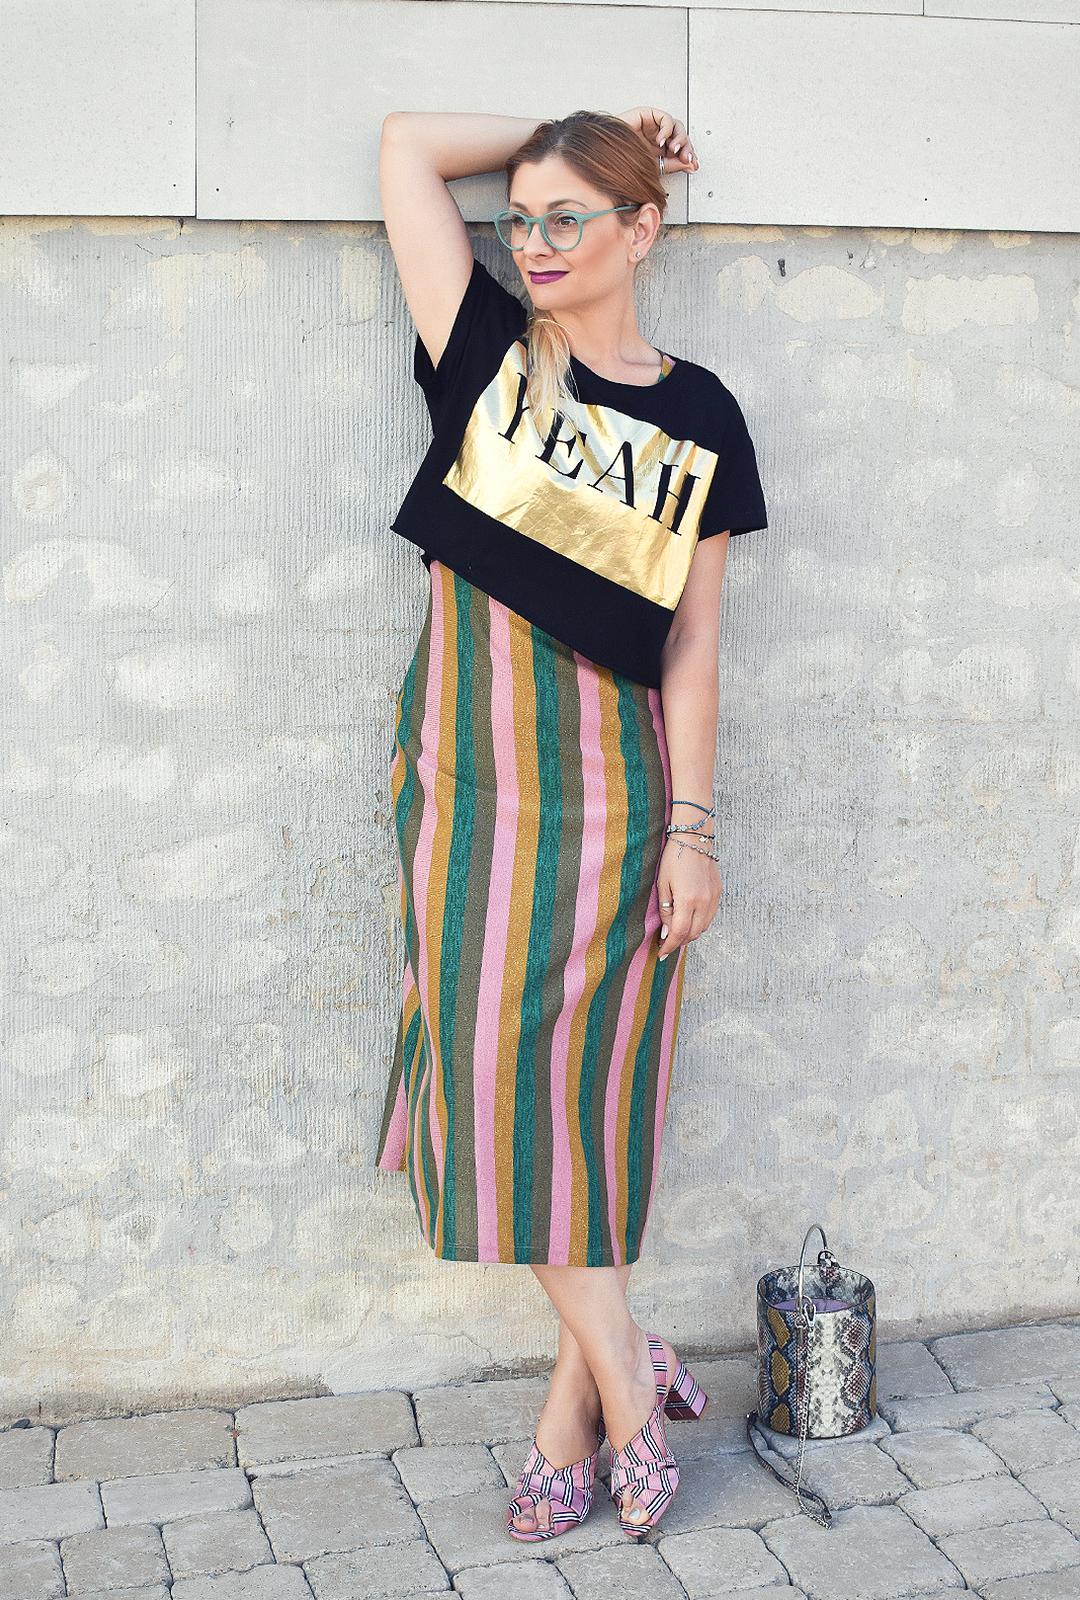 gestreiftes Kleid für Frauen / wie kombiniert man ein Crop Top?